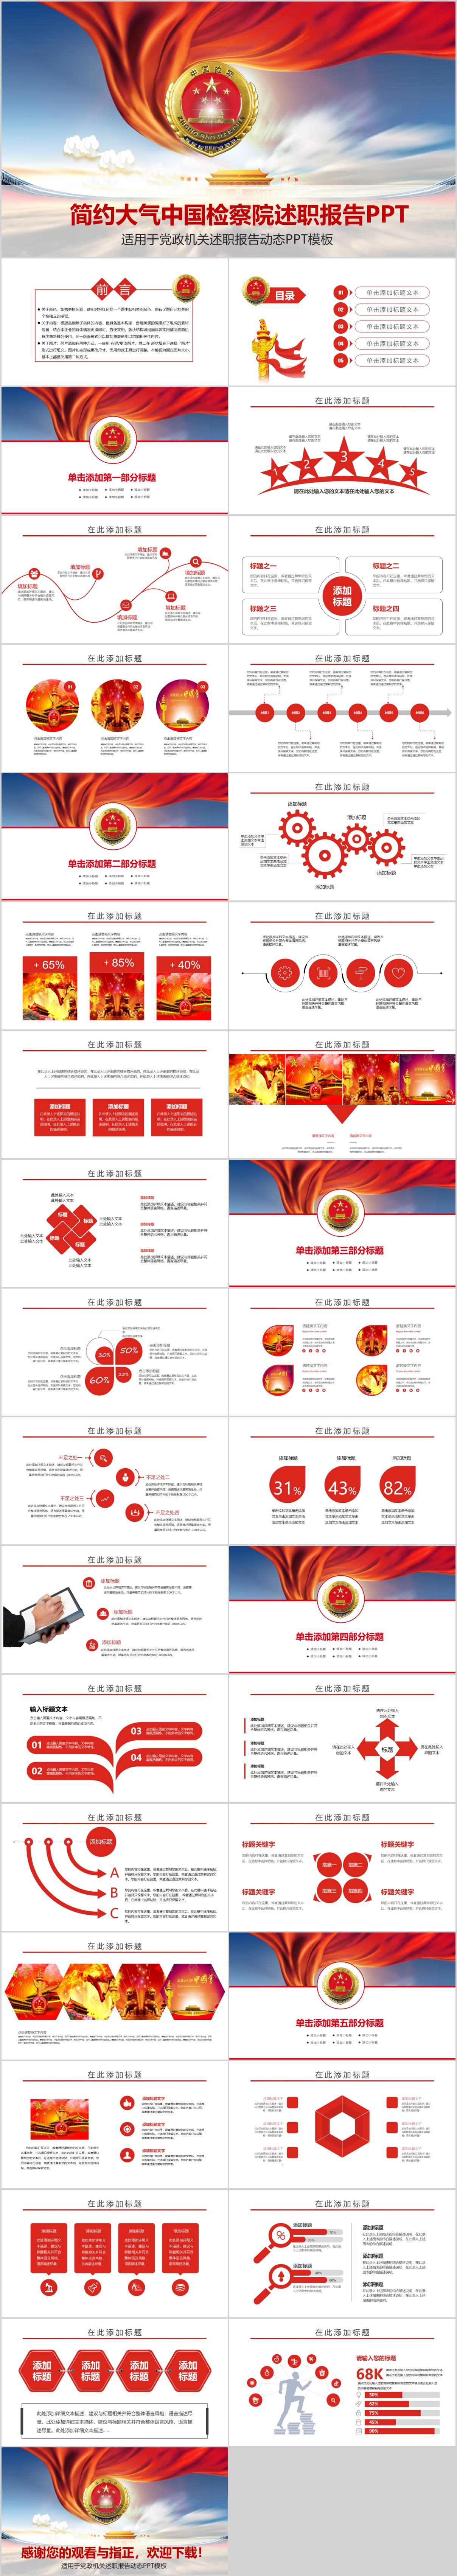 中国检察院述职PPT模板